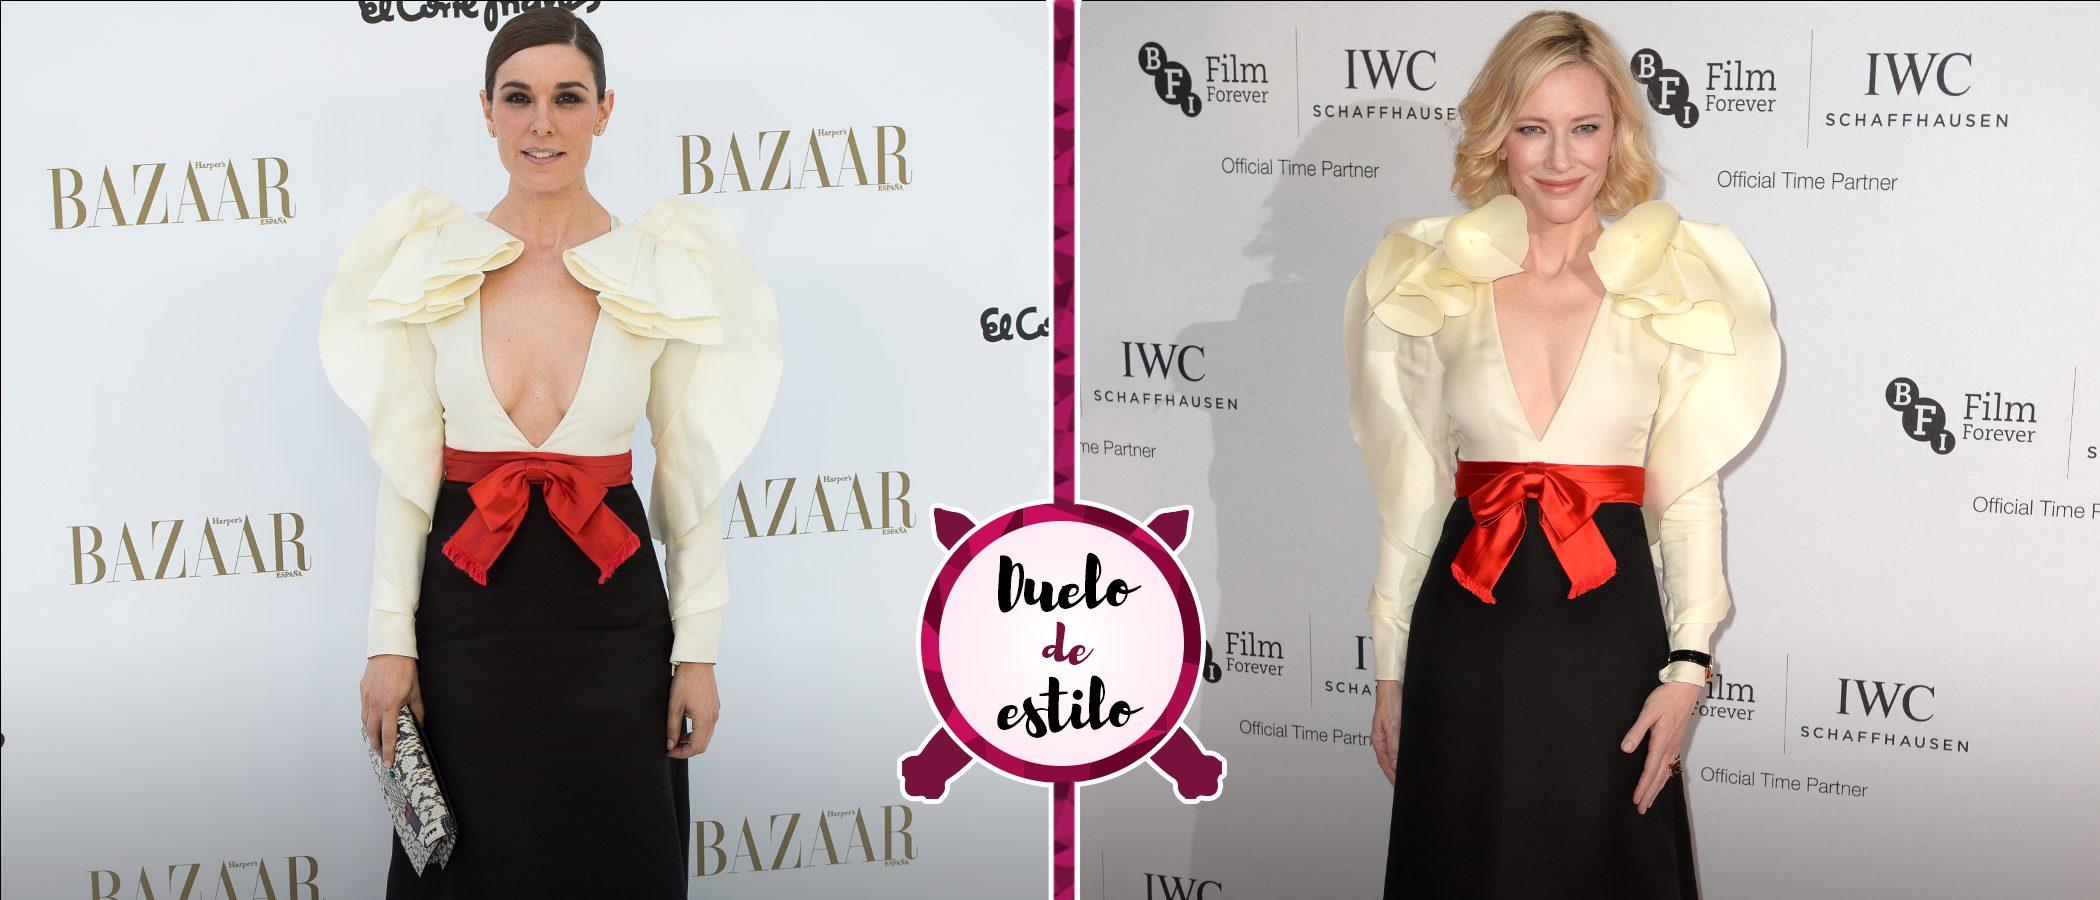 Raquel Sánchez Silva y Cate Blanchett coinciden con el mismo Gucci. ¿Quién lo luce mejor?